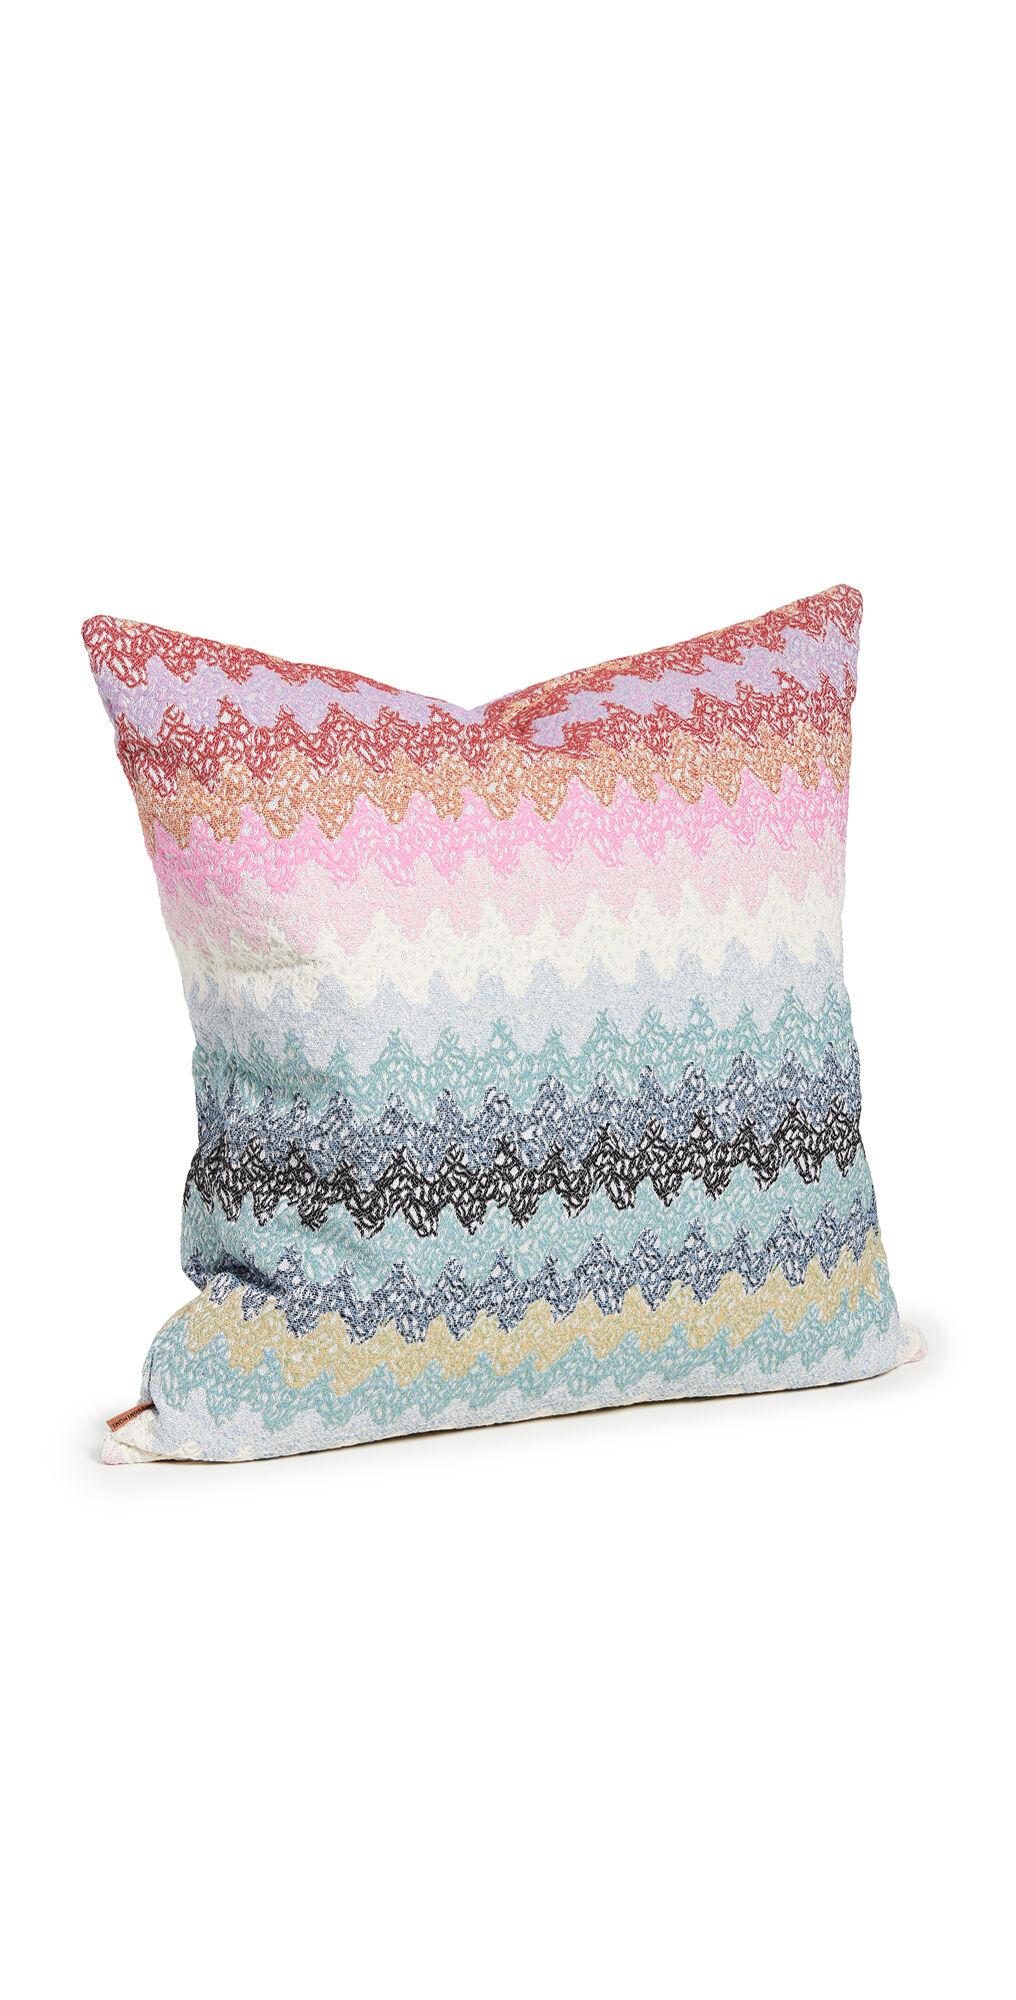 Missoni Home Ventimiglia Cushion  - Multi Color - Size: One Size